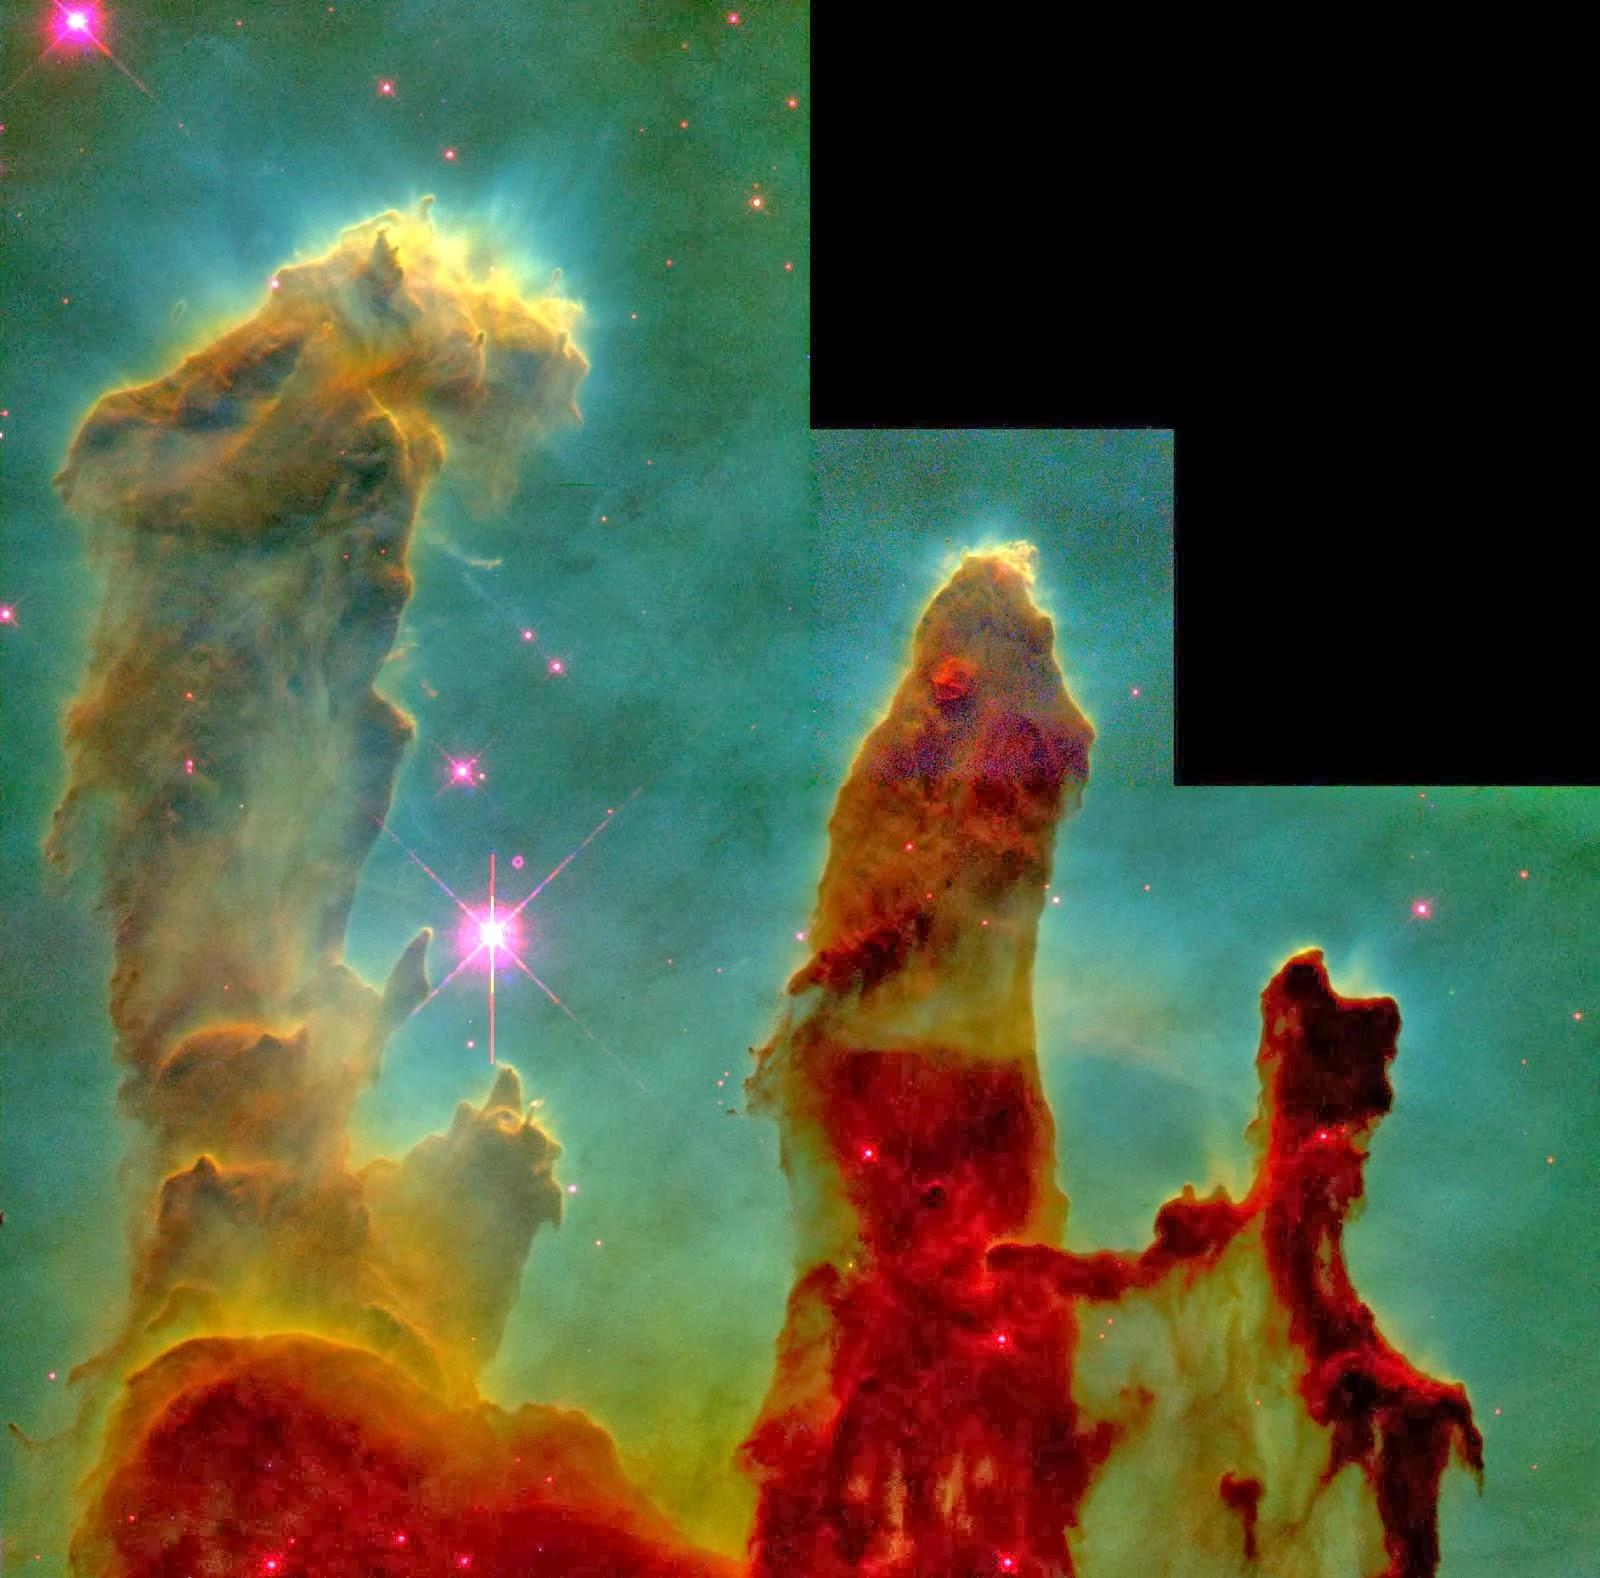 """Os """"Pilares da Criação"""" no interior da Nebulosa da Águia. http://hubblesite.org/newscenter/newsde"""